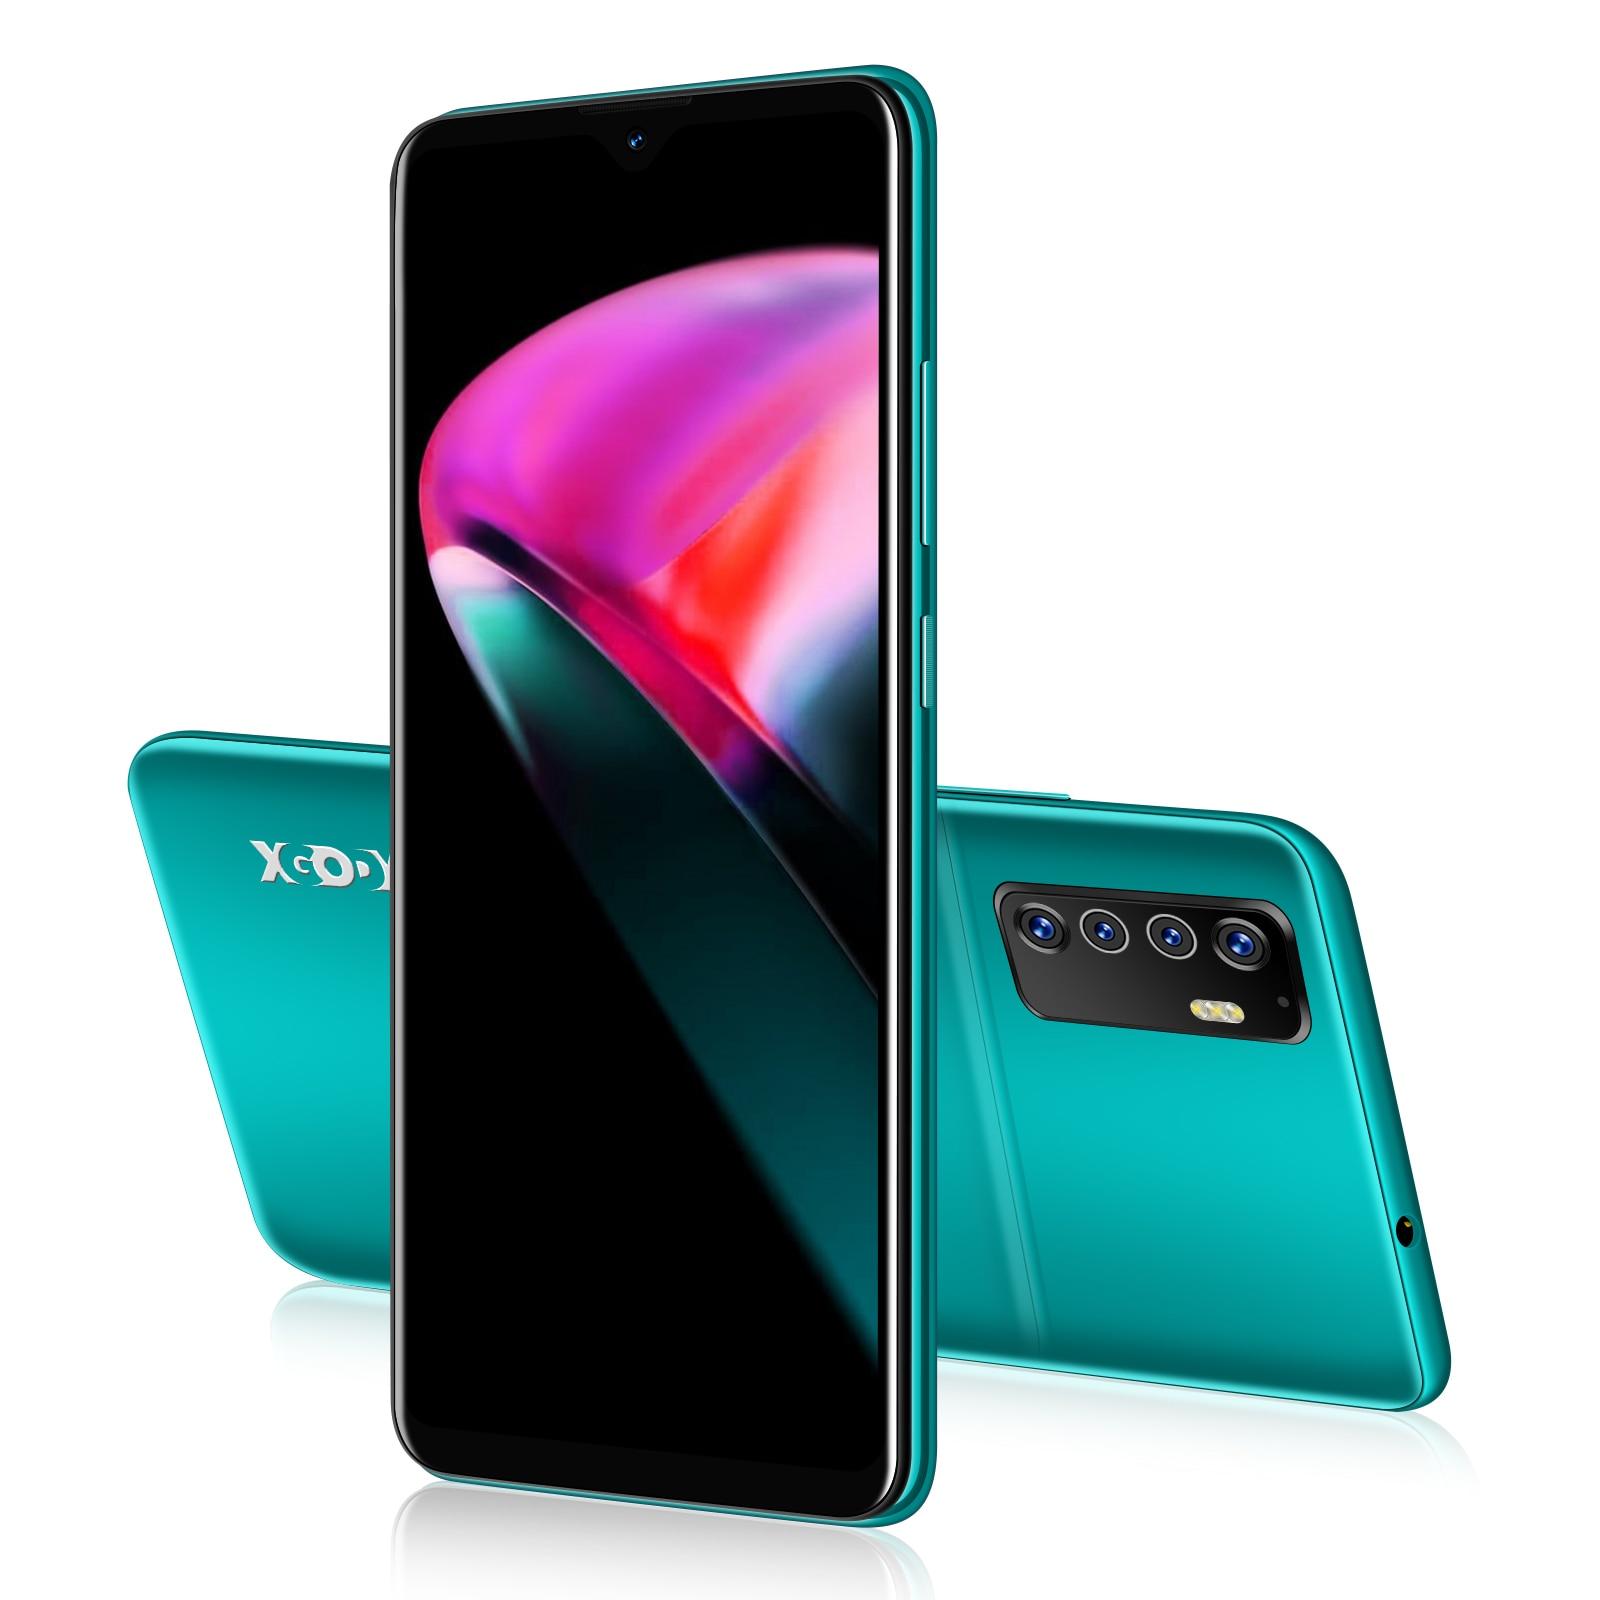 XGODY – téléphone portable A71, écran 18:9 de 6 pouces, Smartphone double SIM, 1 go de ram, 8 go de rom, processeur MTK6580 Quad-Core, batterie de 6.0 mAh, caméra de 5 mpx, fonction GPS, WiFi, 3G, Android 2200